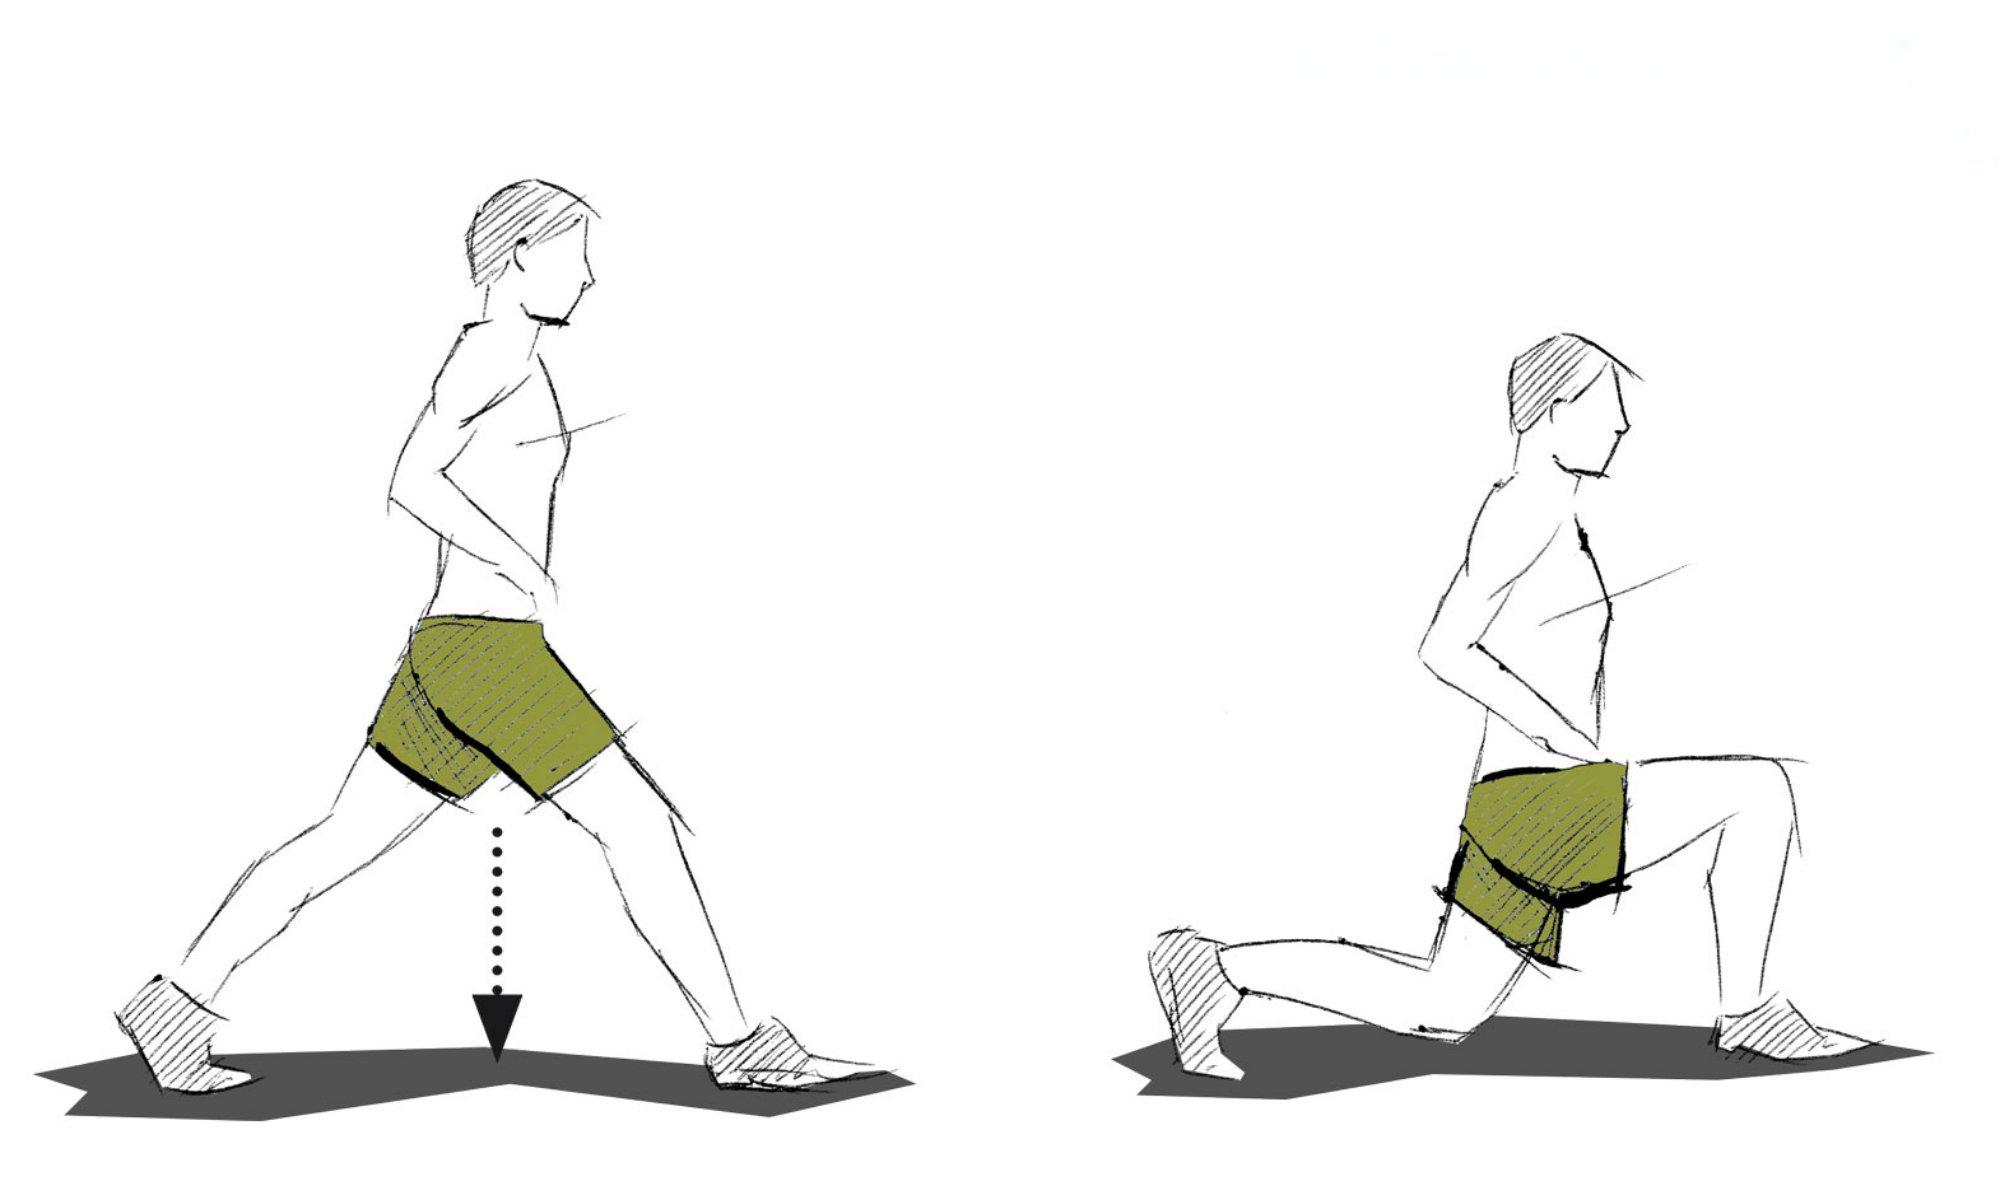 Bij lunges is het belangrijk om zo laag mogelijk met je heupen te zakken zonder de grond te raken.